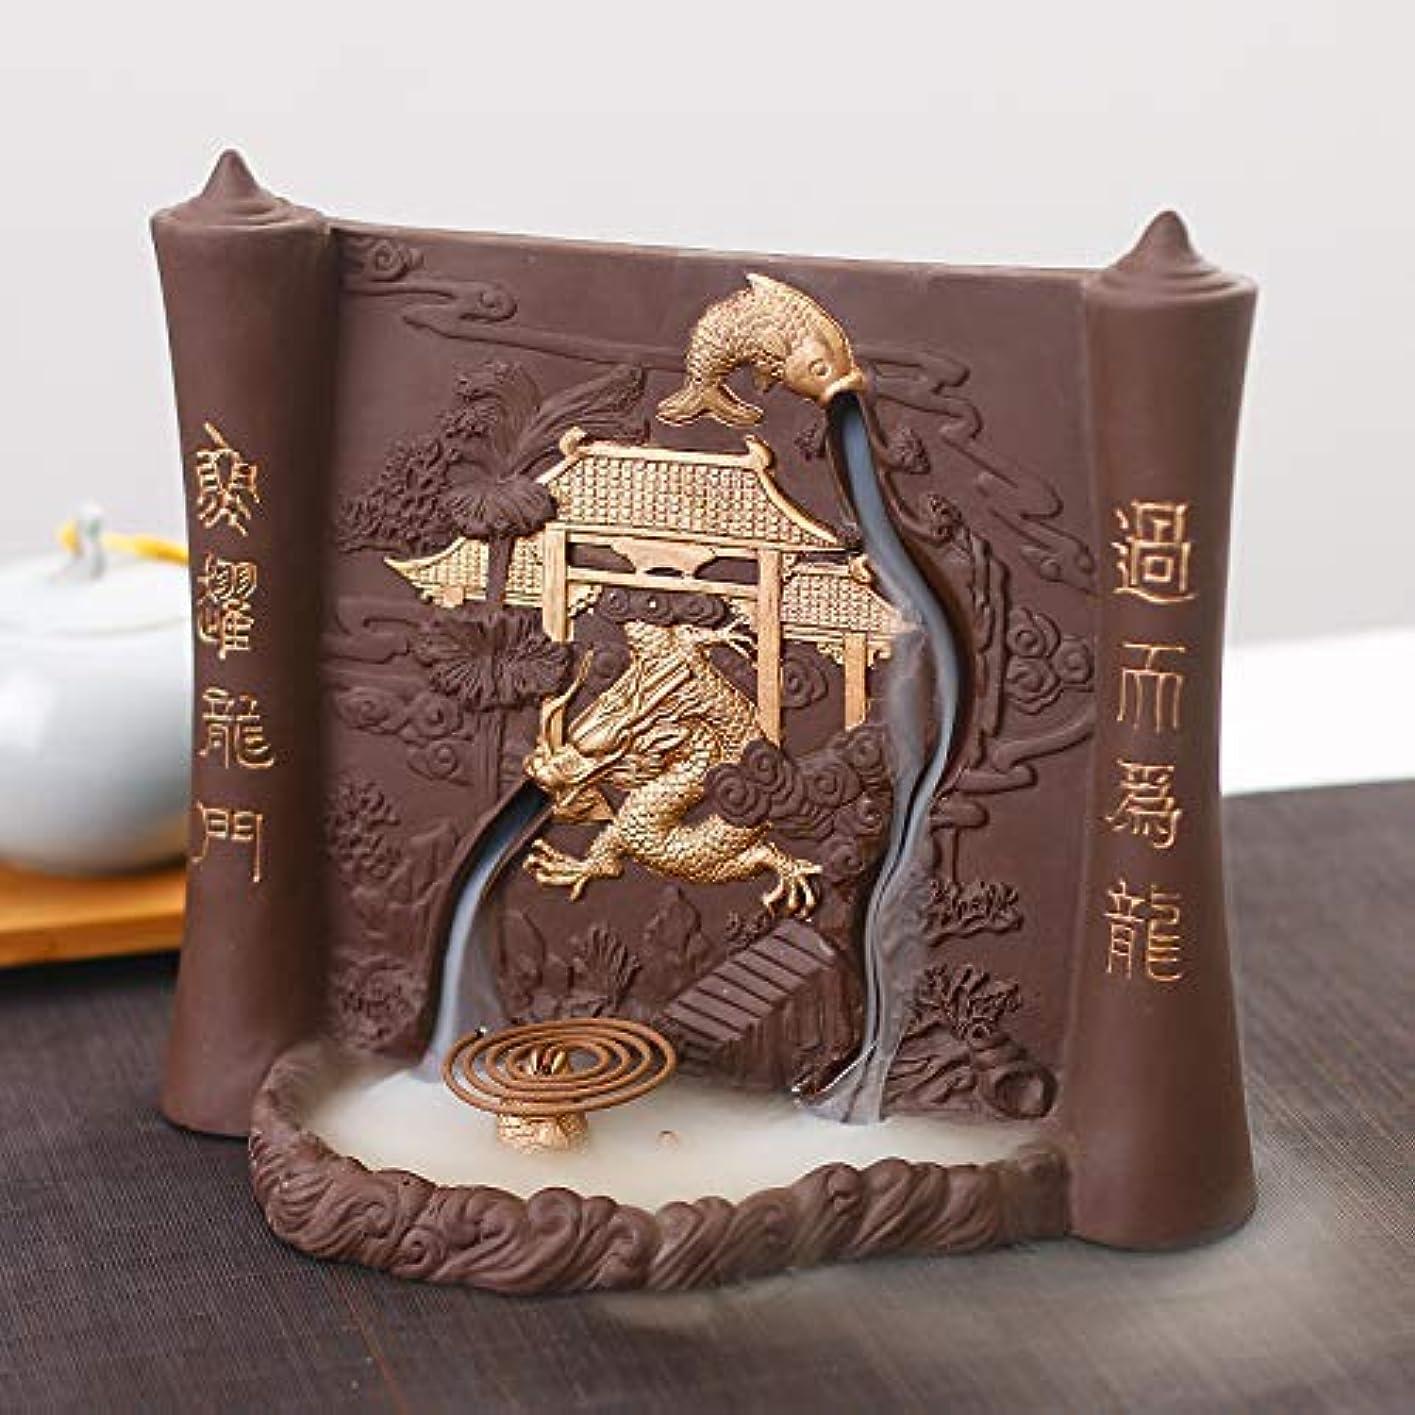 エンジニアリング時代ブレイズPHILOGOD 香炉 陶器漢字彫刻レリーフ手作り逆流香炉 線香立て デュアルユース お香 ホルダー